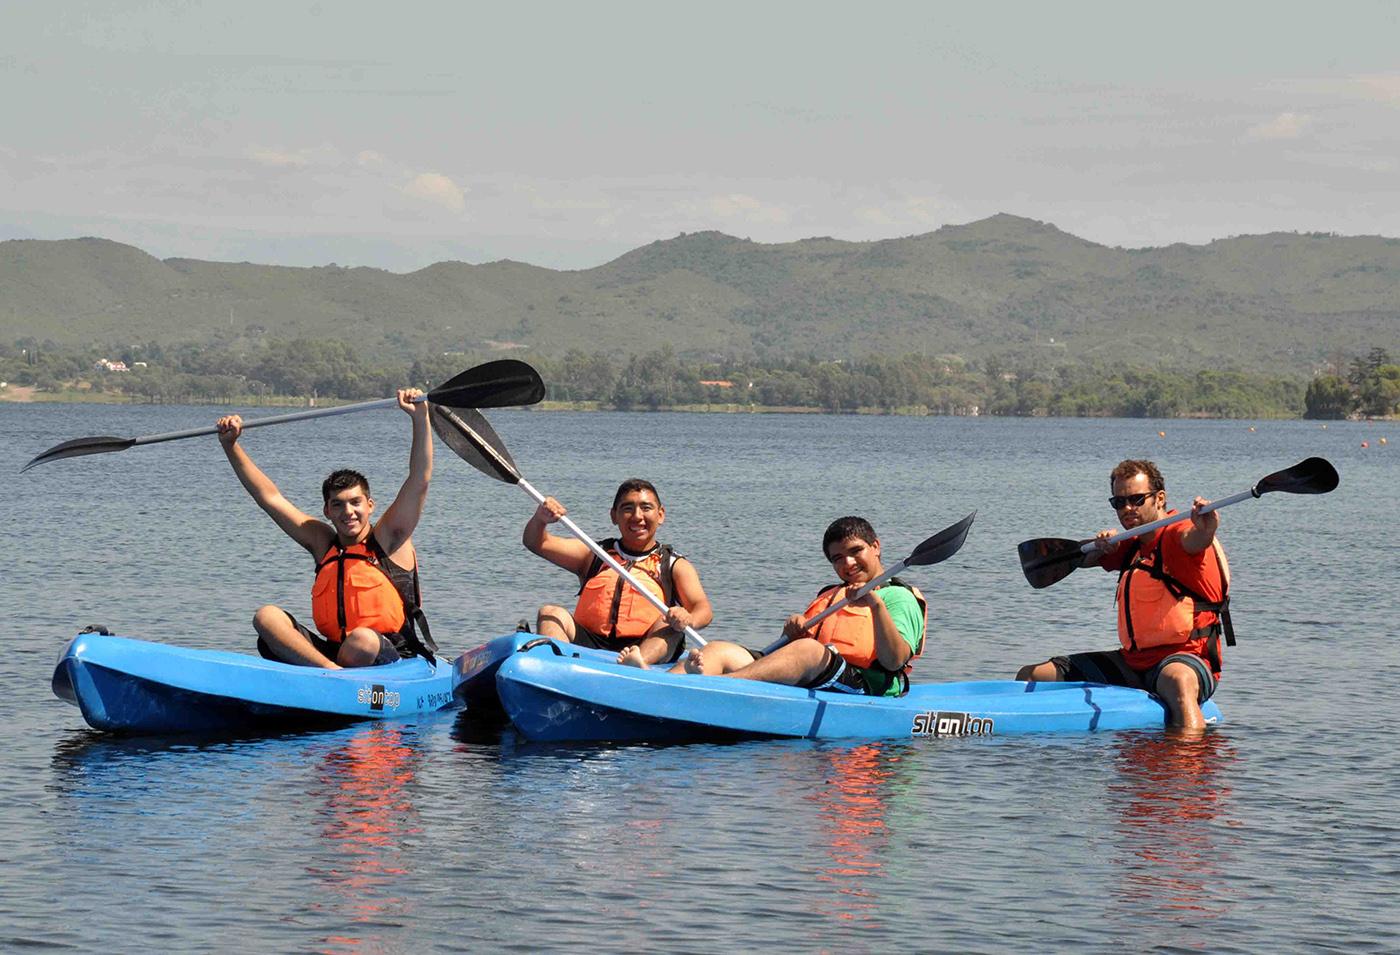 Embalse recibió la primera jornada de deportes náuticos adaptados de 2016